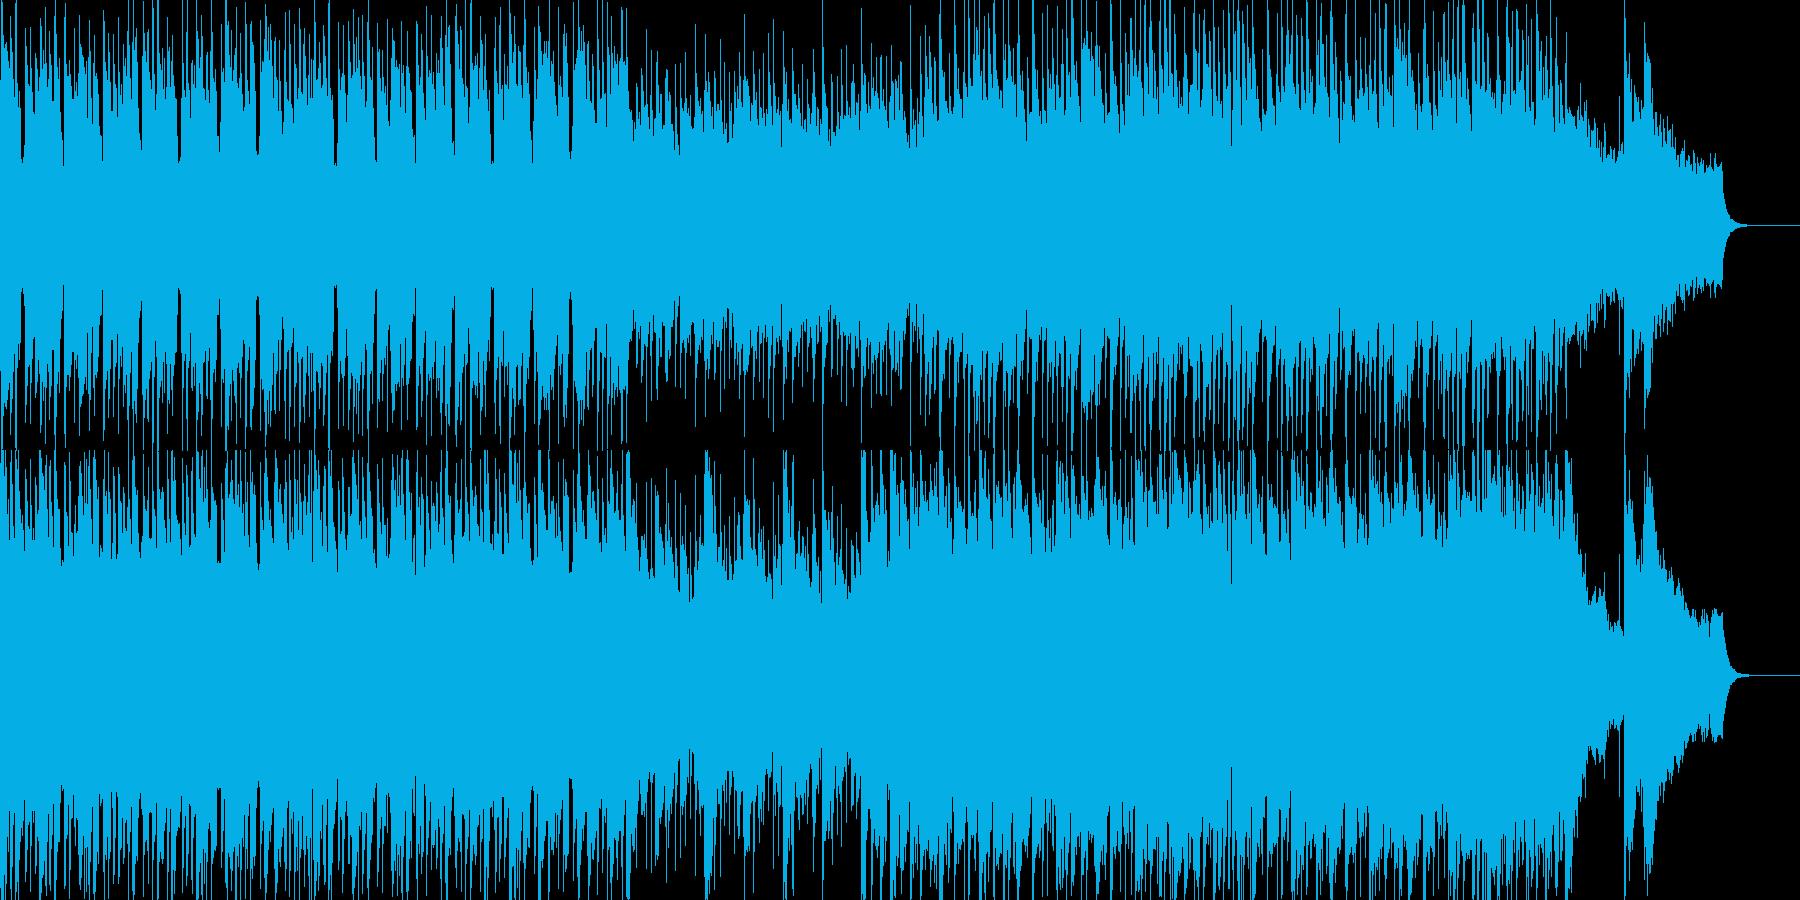 街でデートする場面などにマッチしたBGMの再生済みの波形